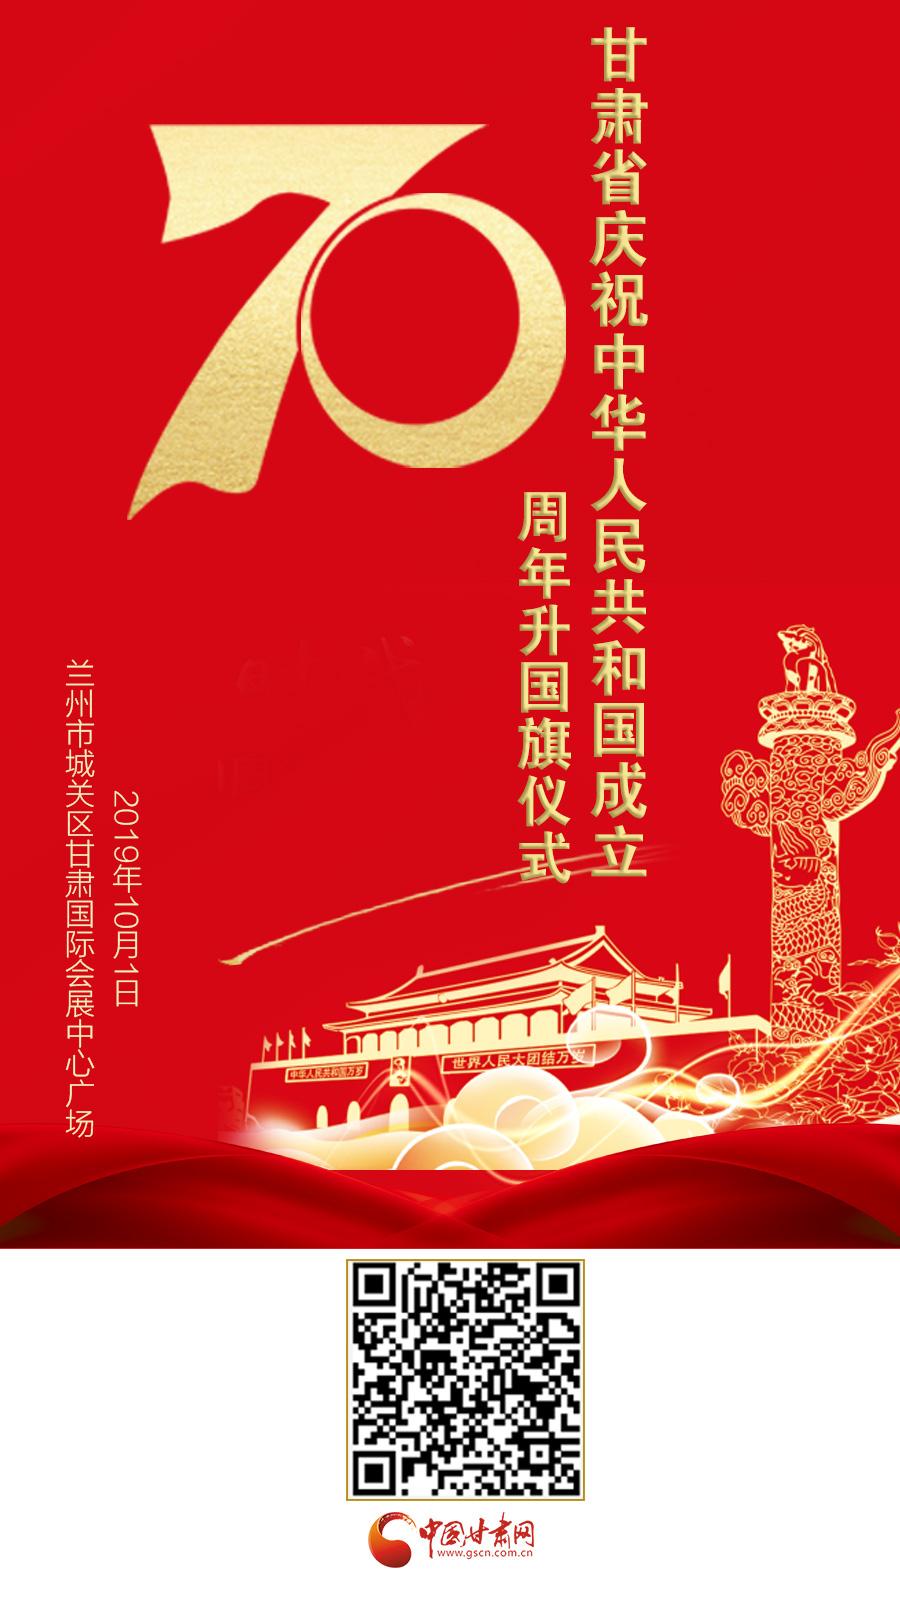 【图文直播】加拿大28在线计划网—下载加拿大pc软件省庆祝中华人民共和国成立70周年升国旗仪式